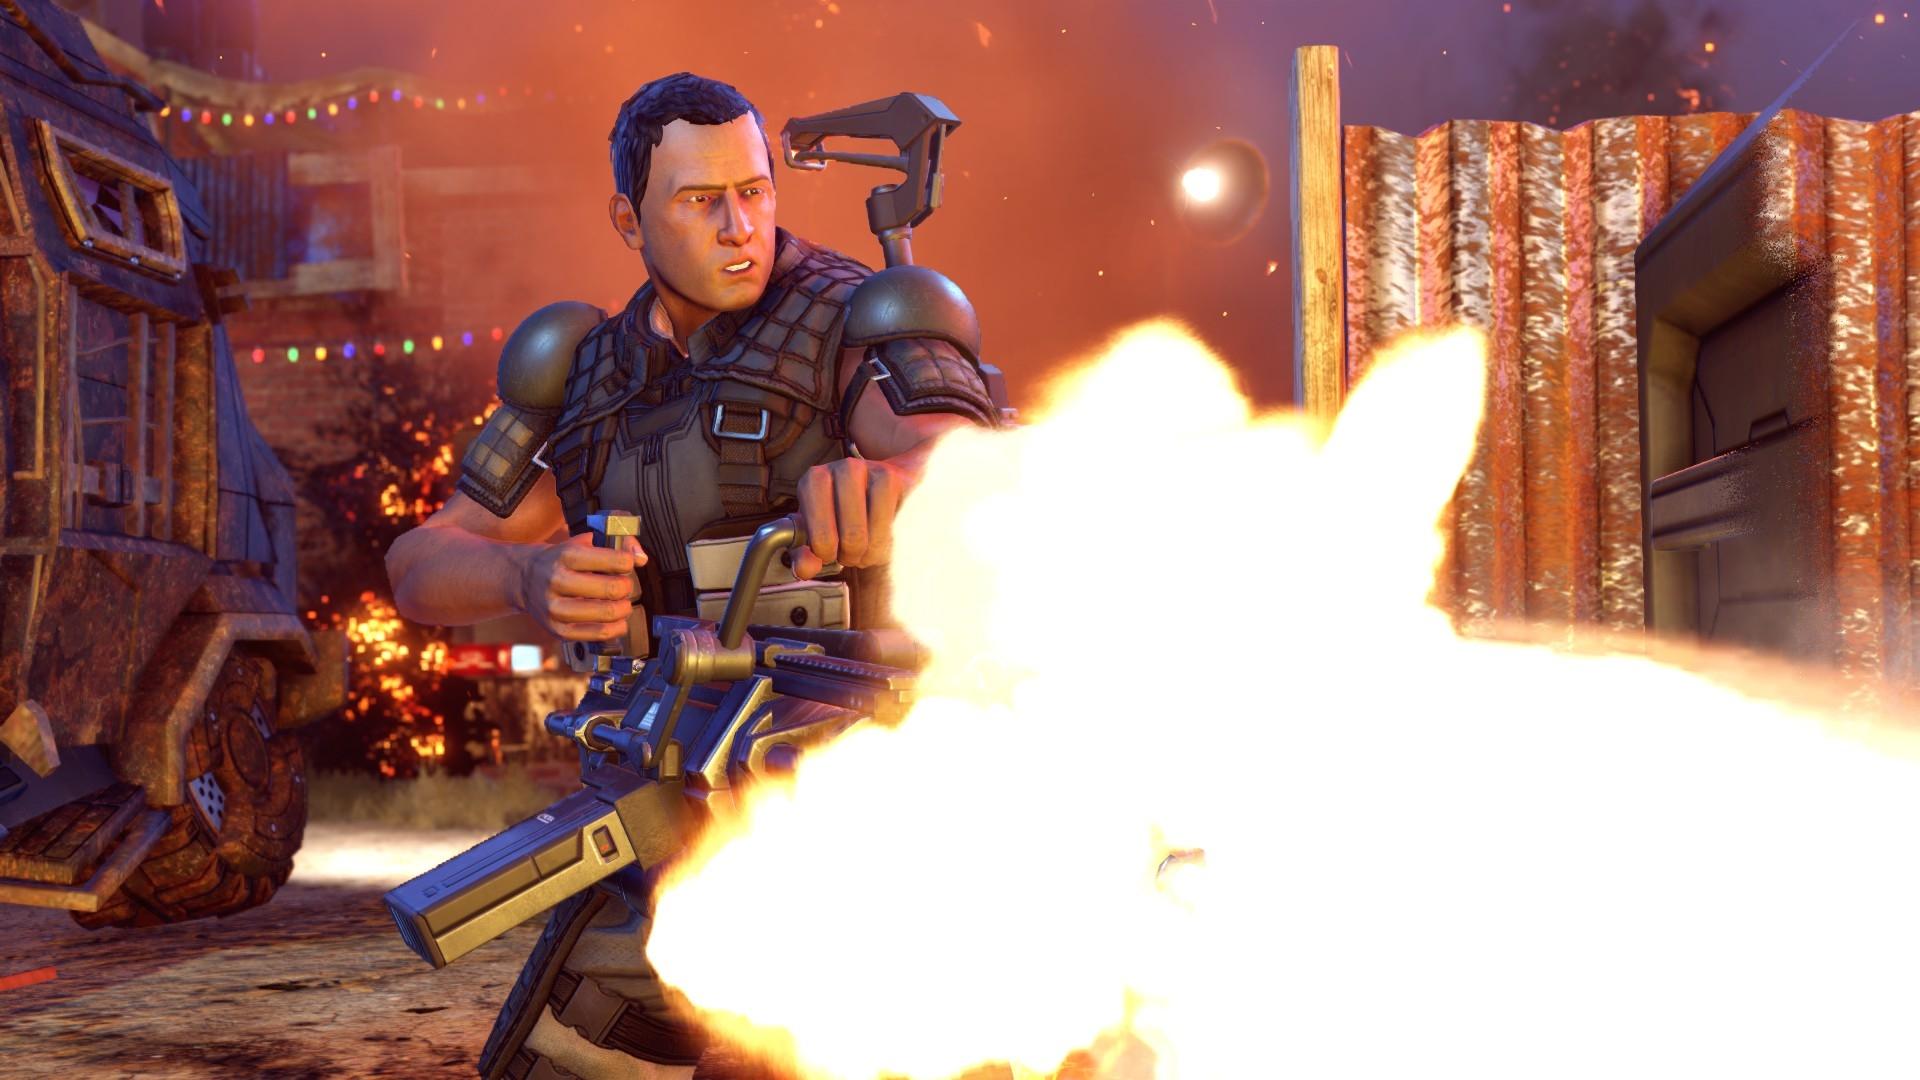 Best PC games: XCOM 2